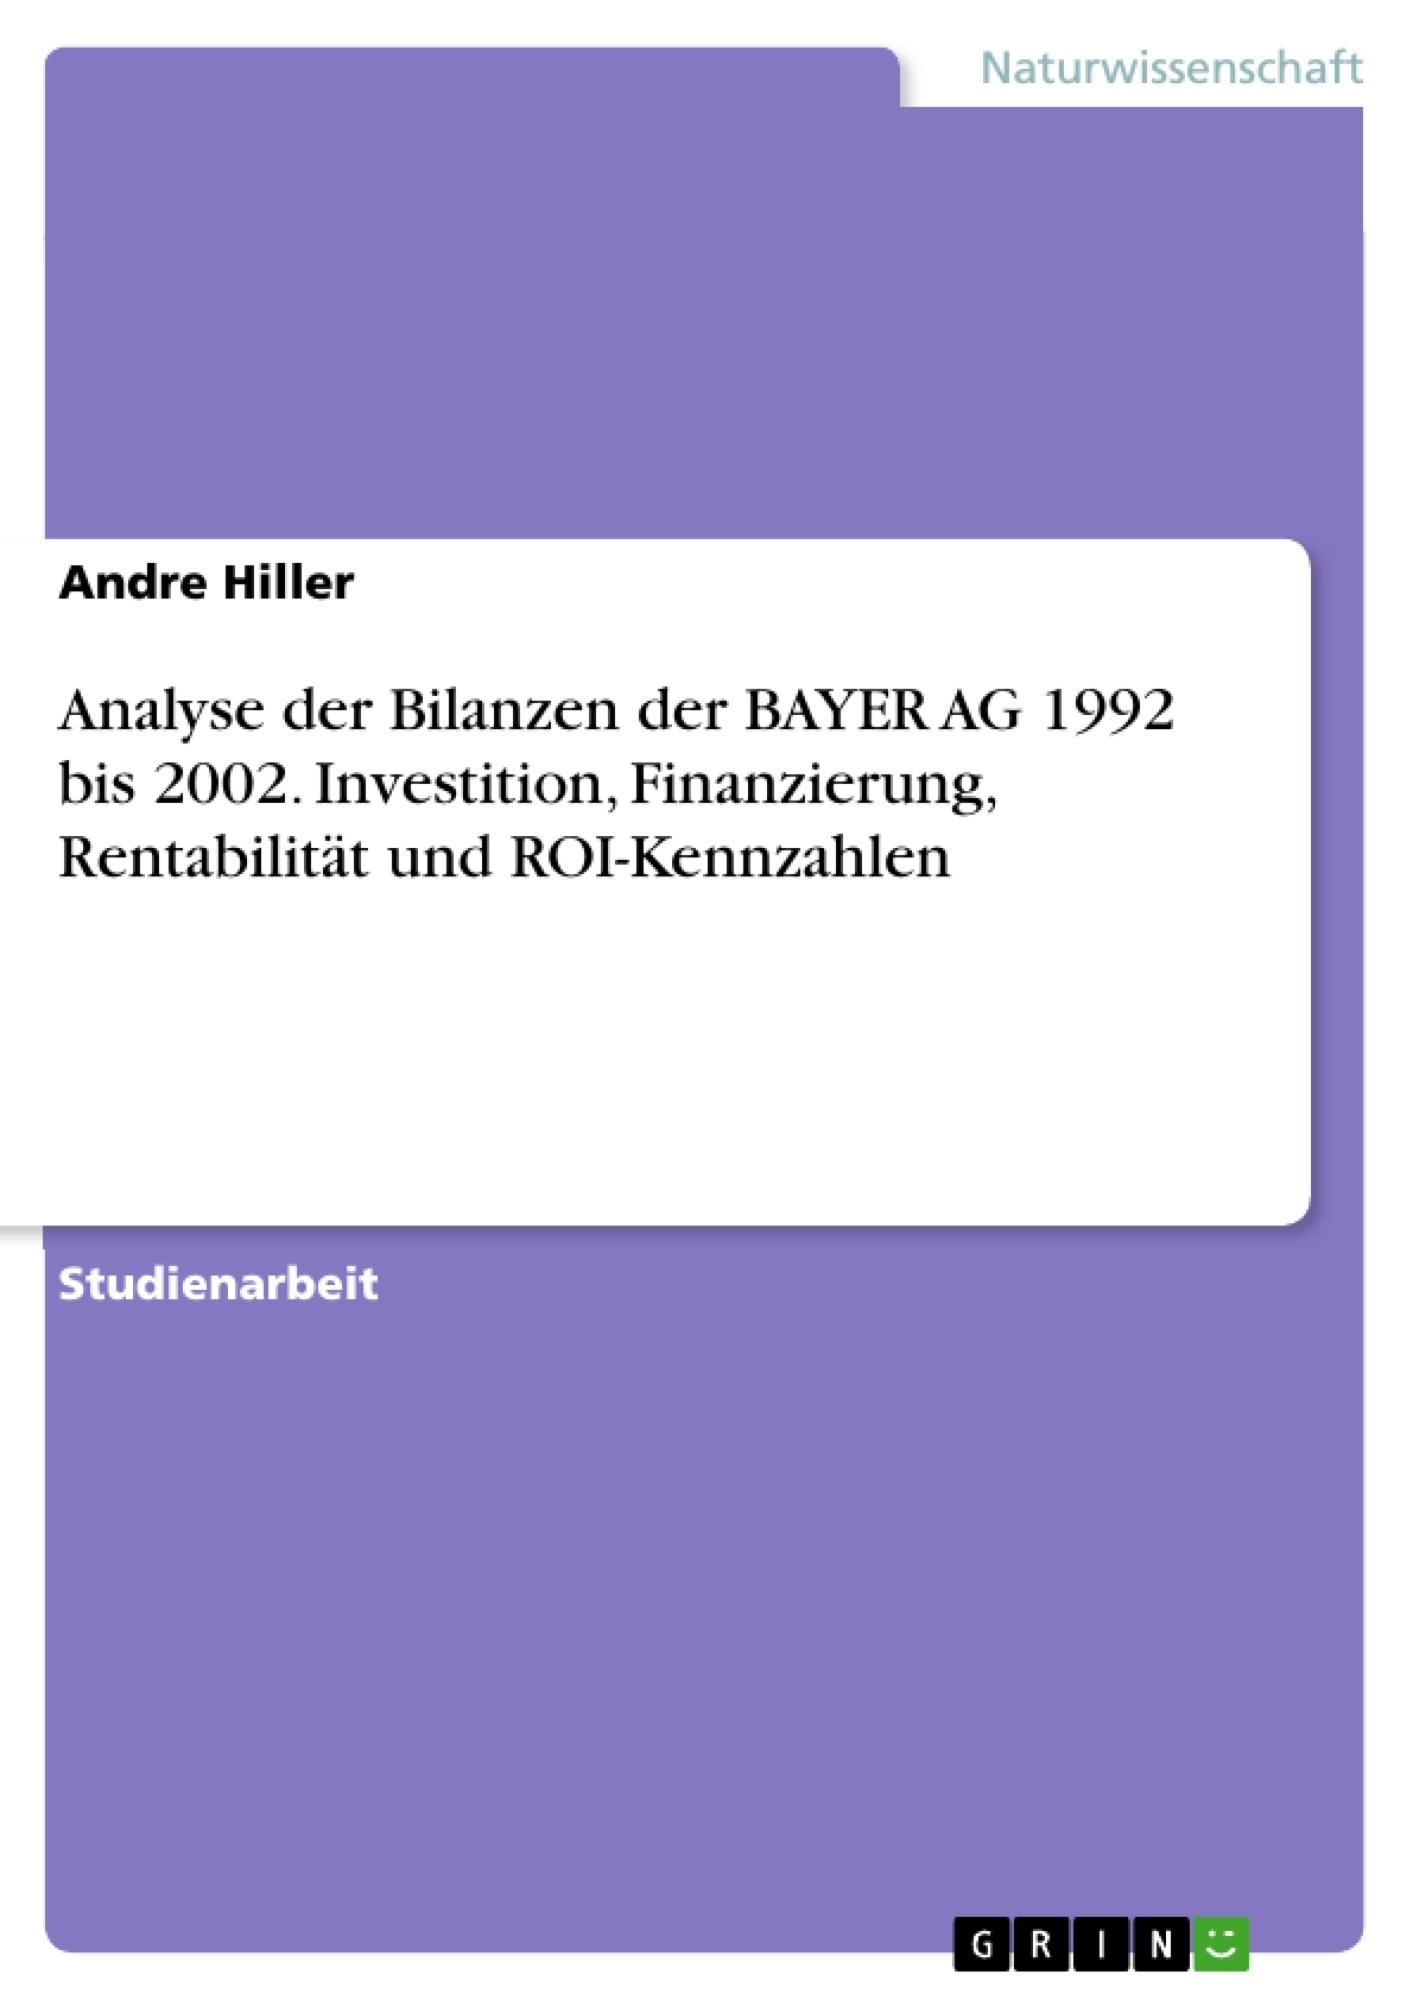 Titel: Analyse der Bilanzen der BAYER AG 1992 bis 2002. Investition, Finanzierung, Rentabilität und ROI-Kennzahlen